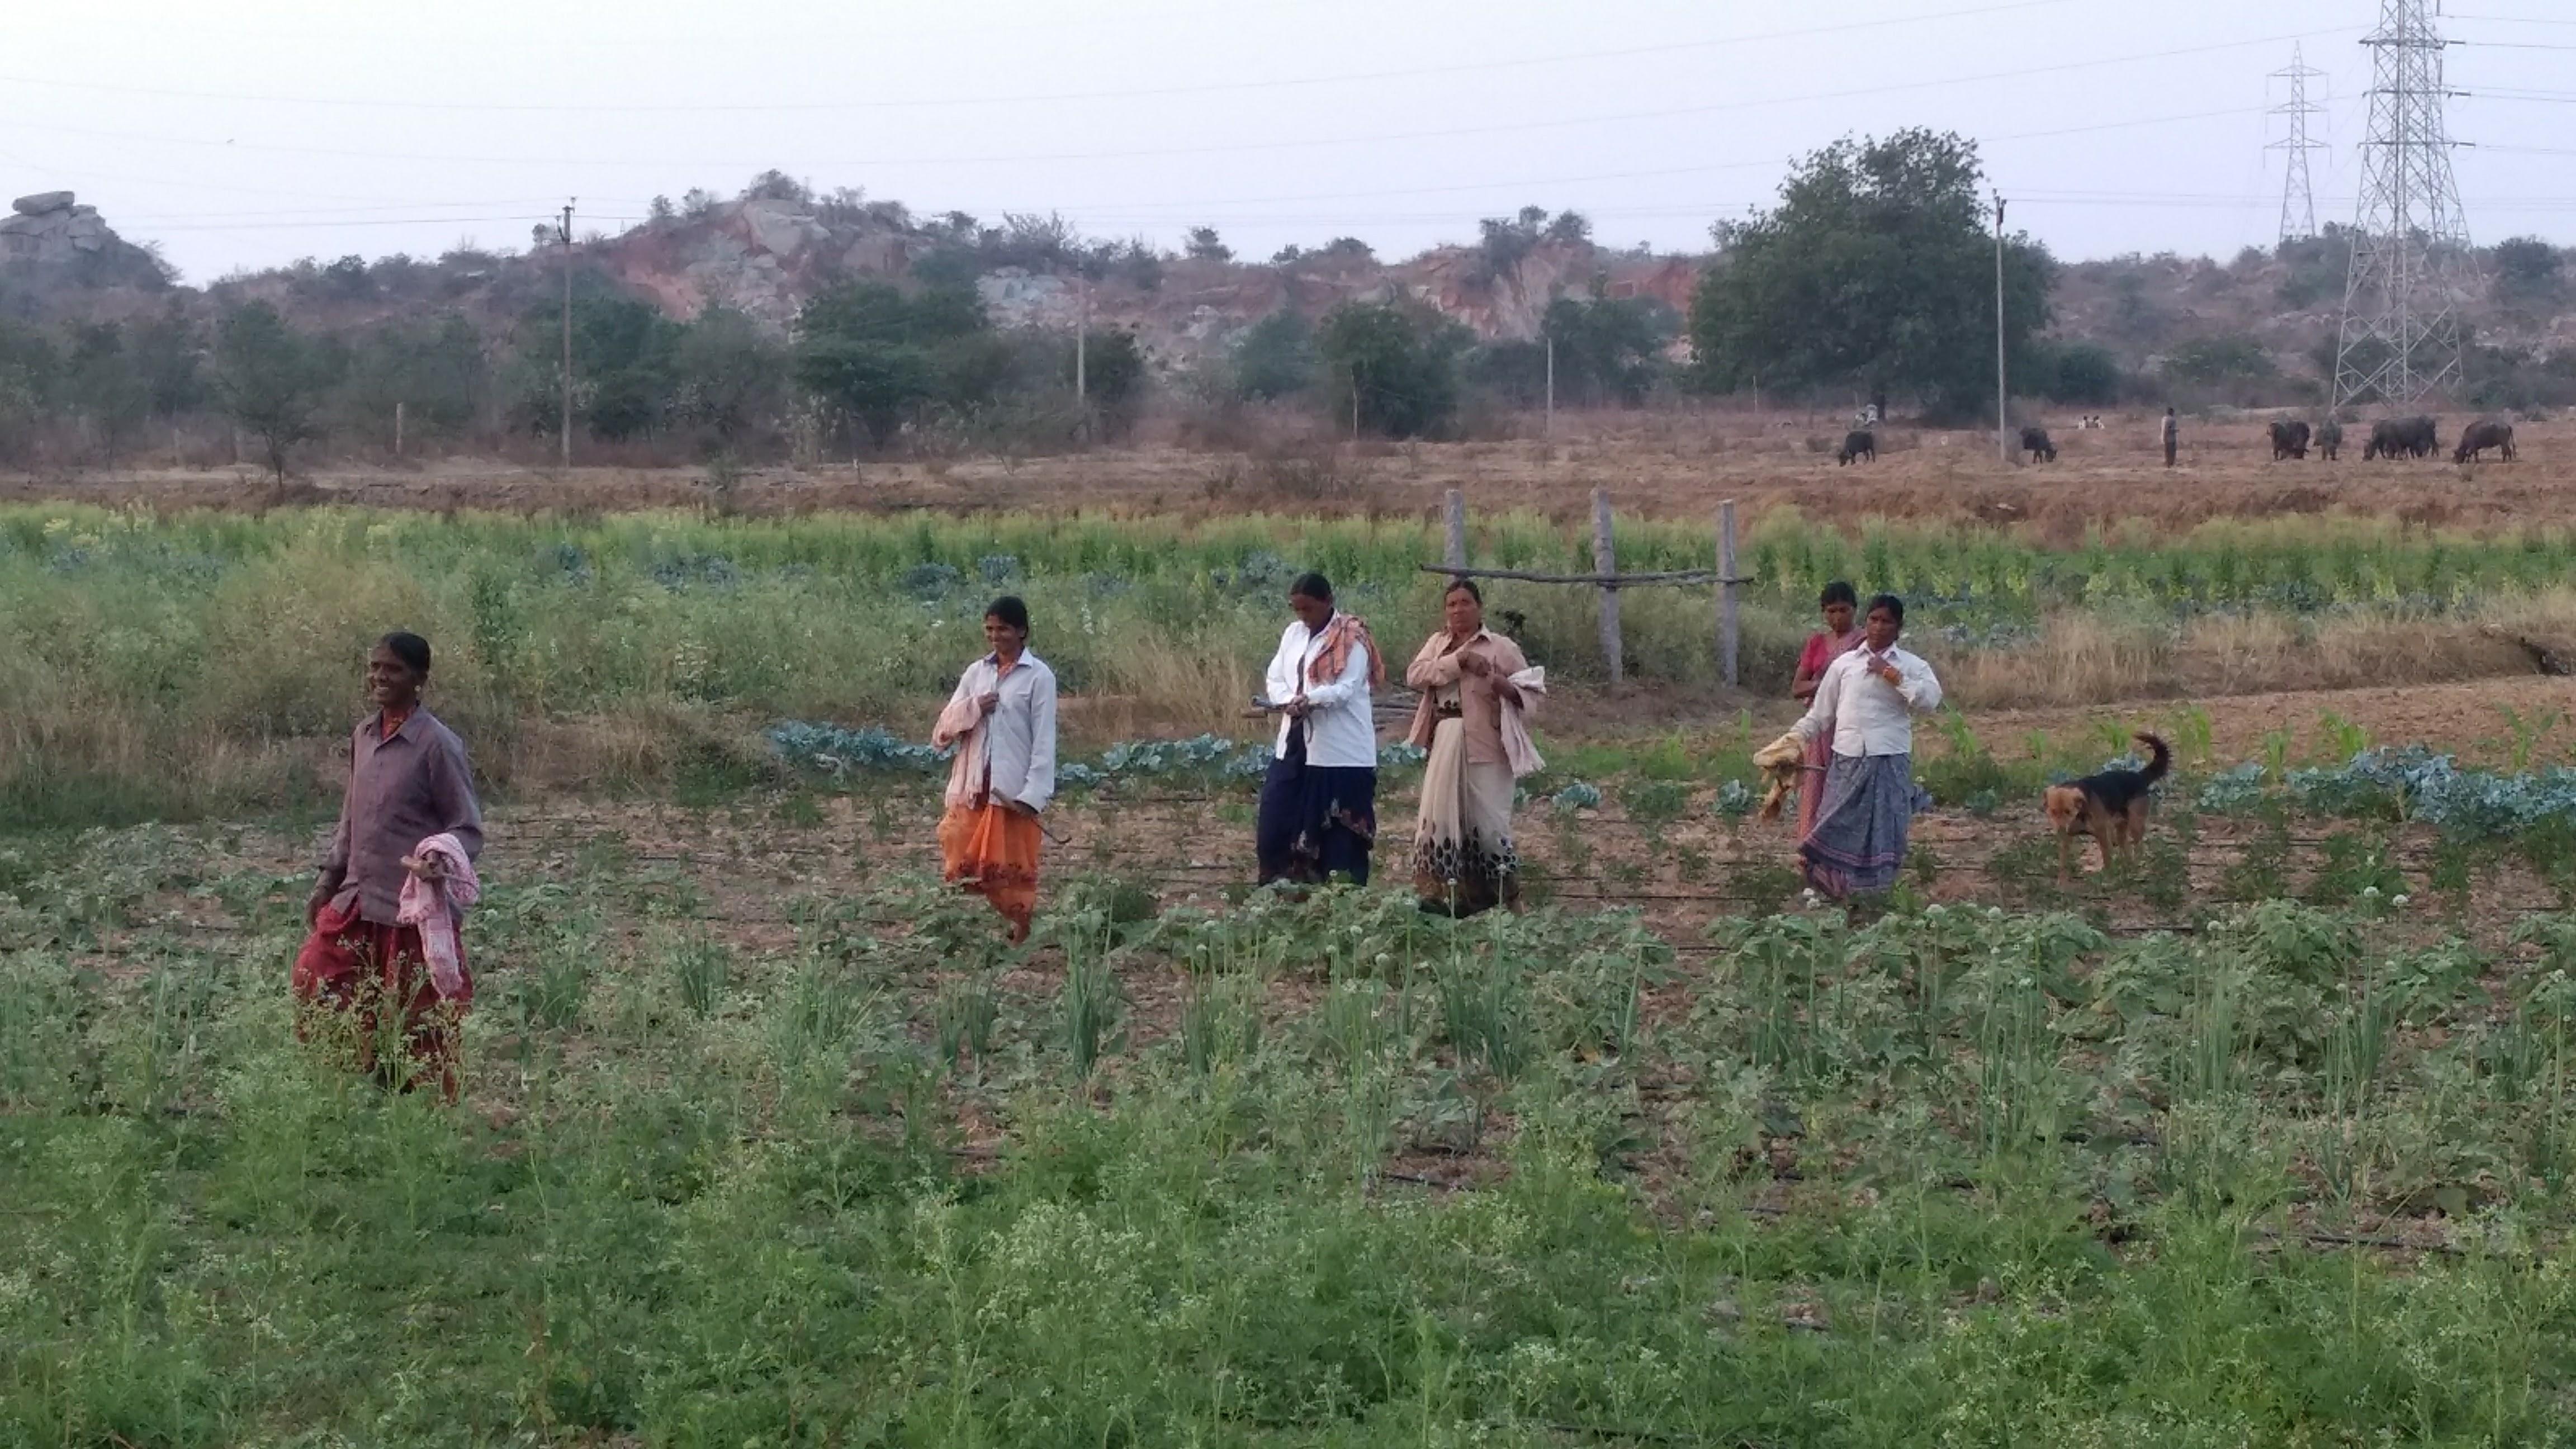 Telangana sustainable home UK couple grow food forest inspiring india